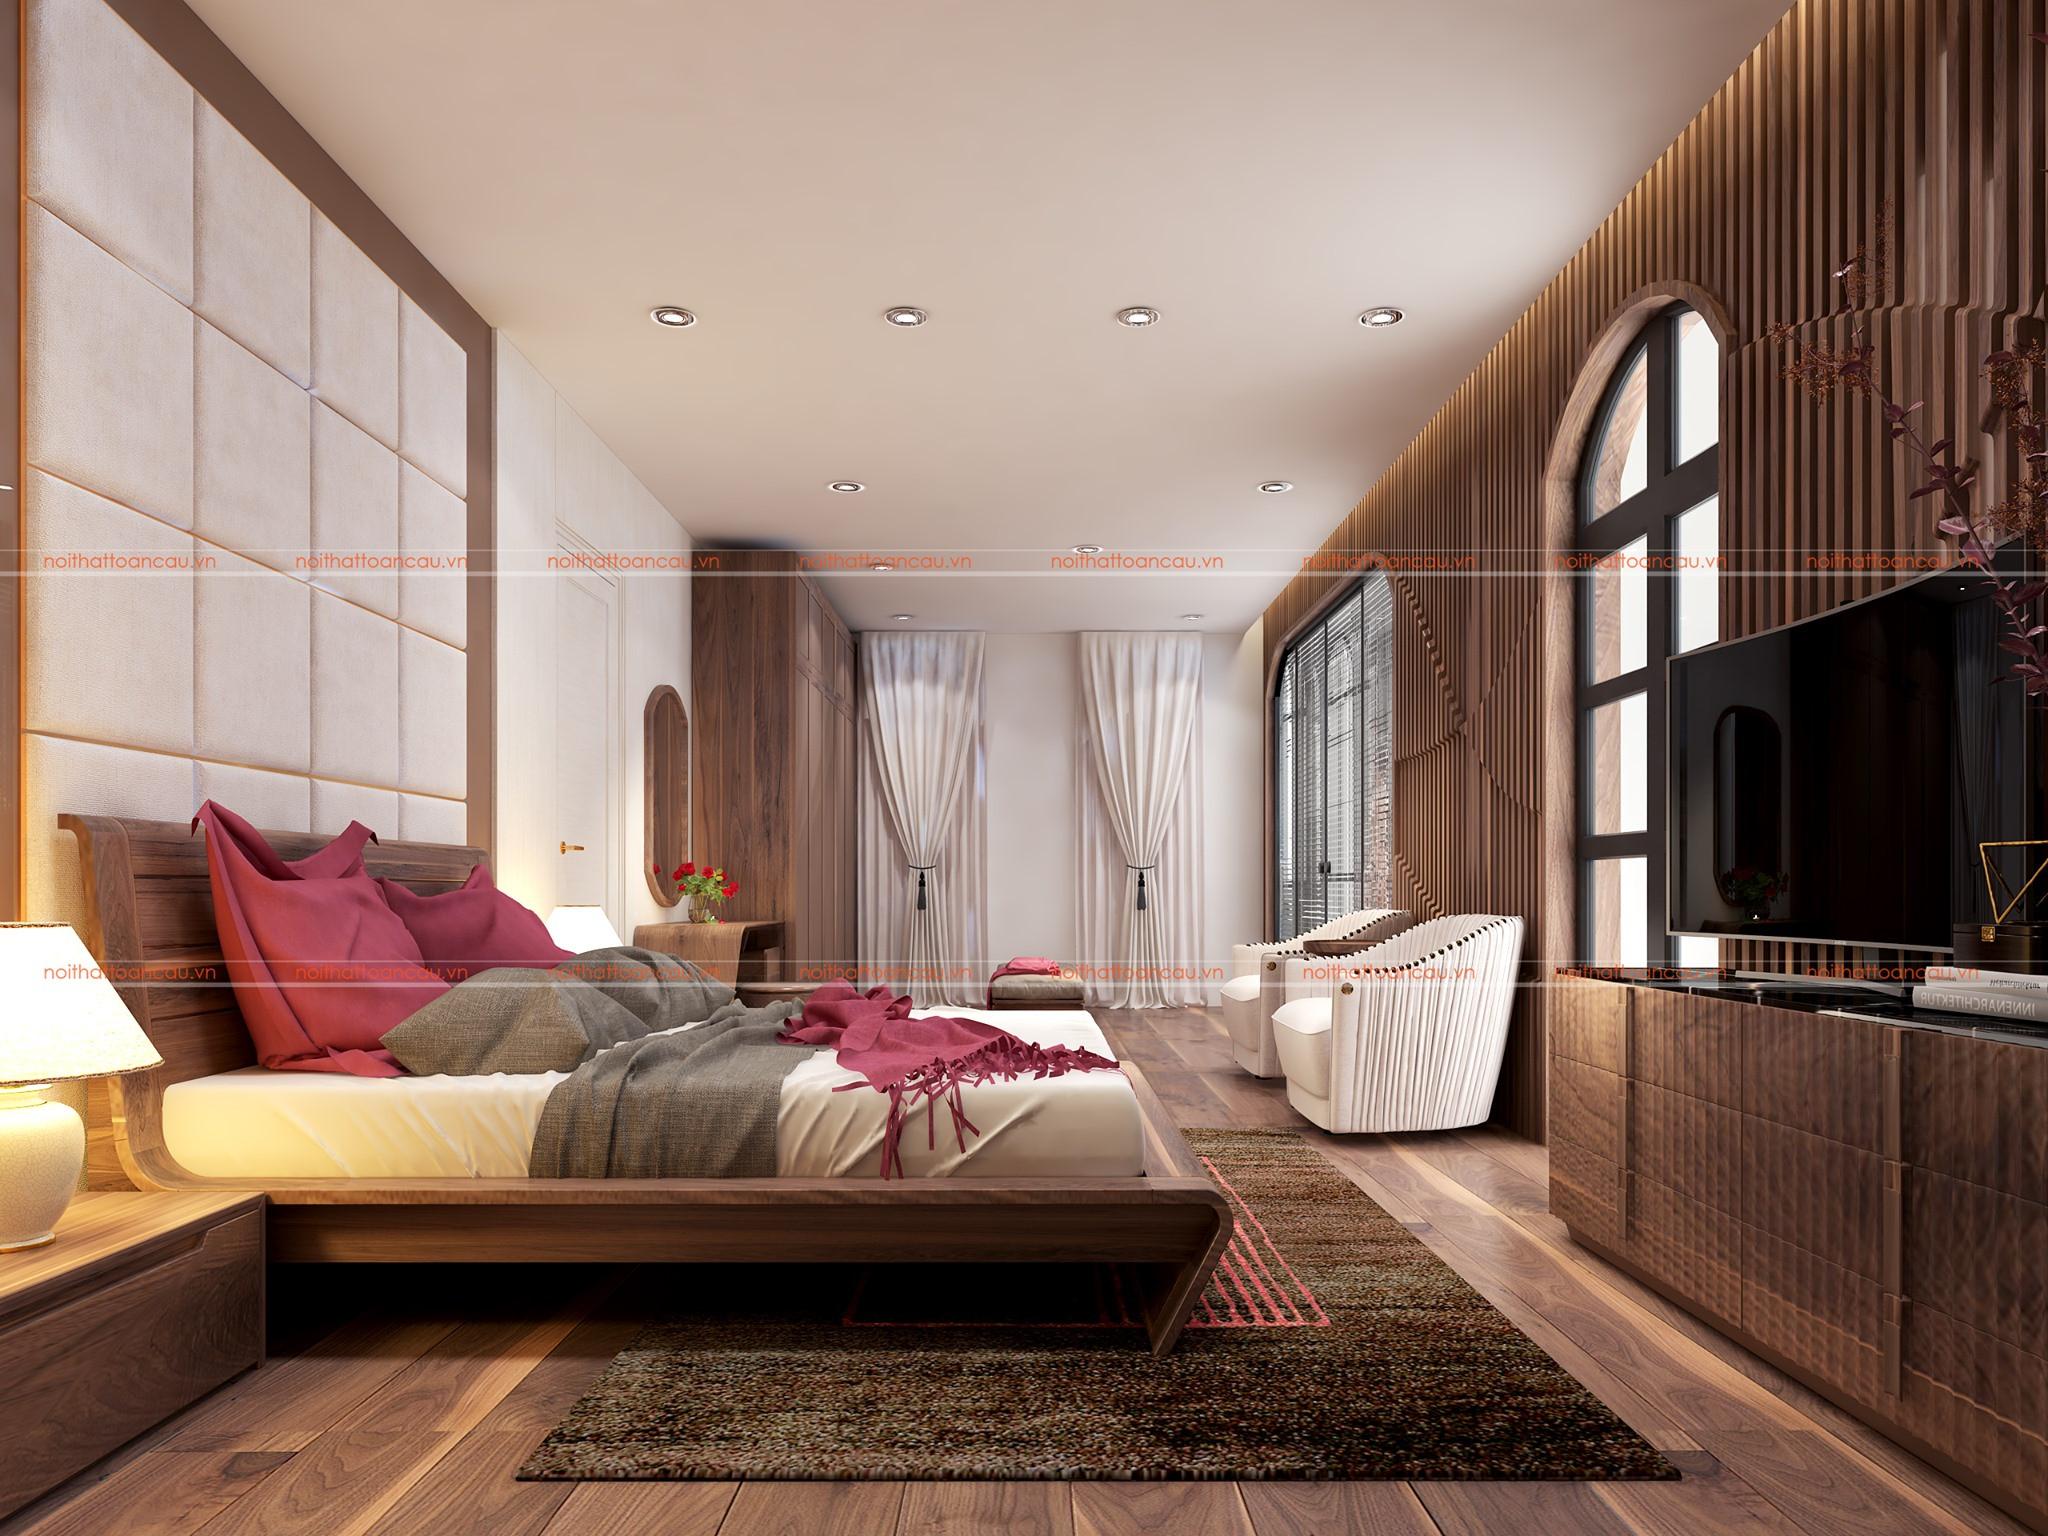 Phòng ngủ hẹp thiết kế từ gỗ óc chó